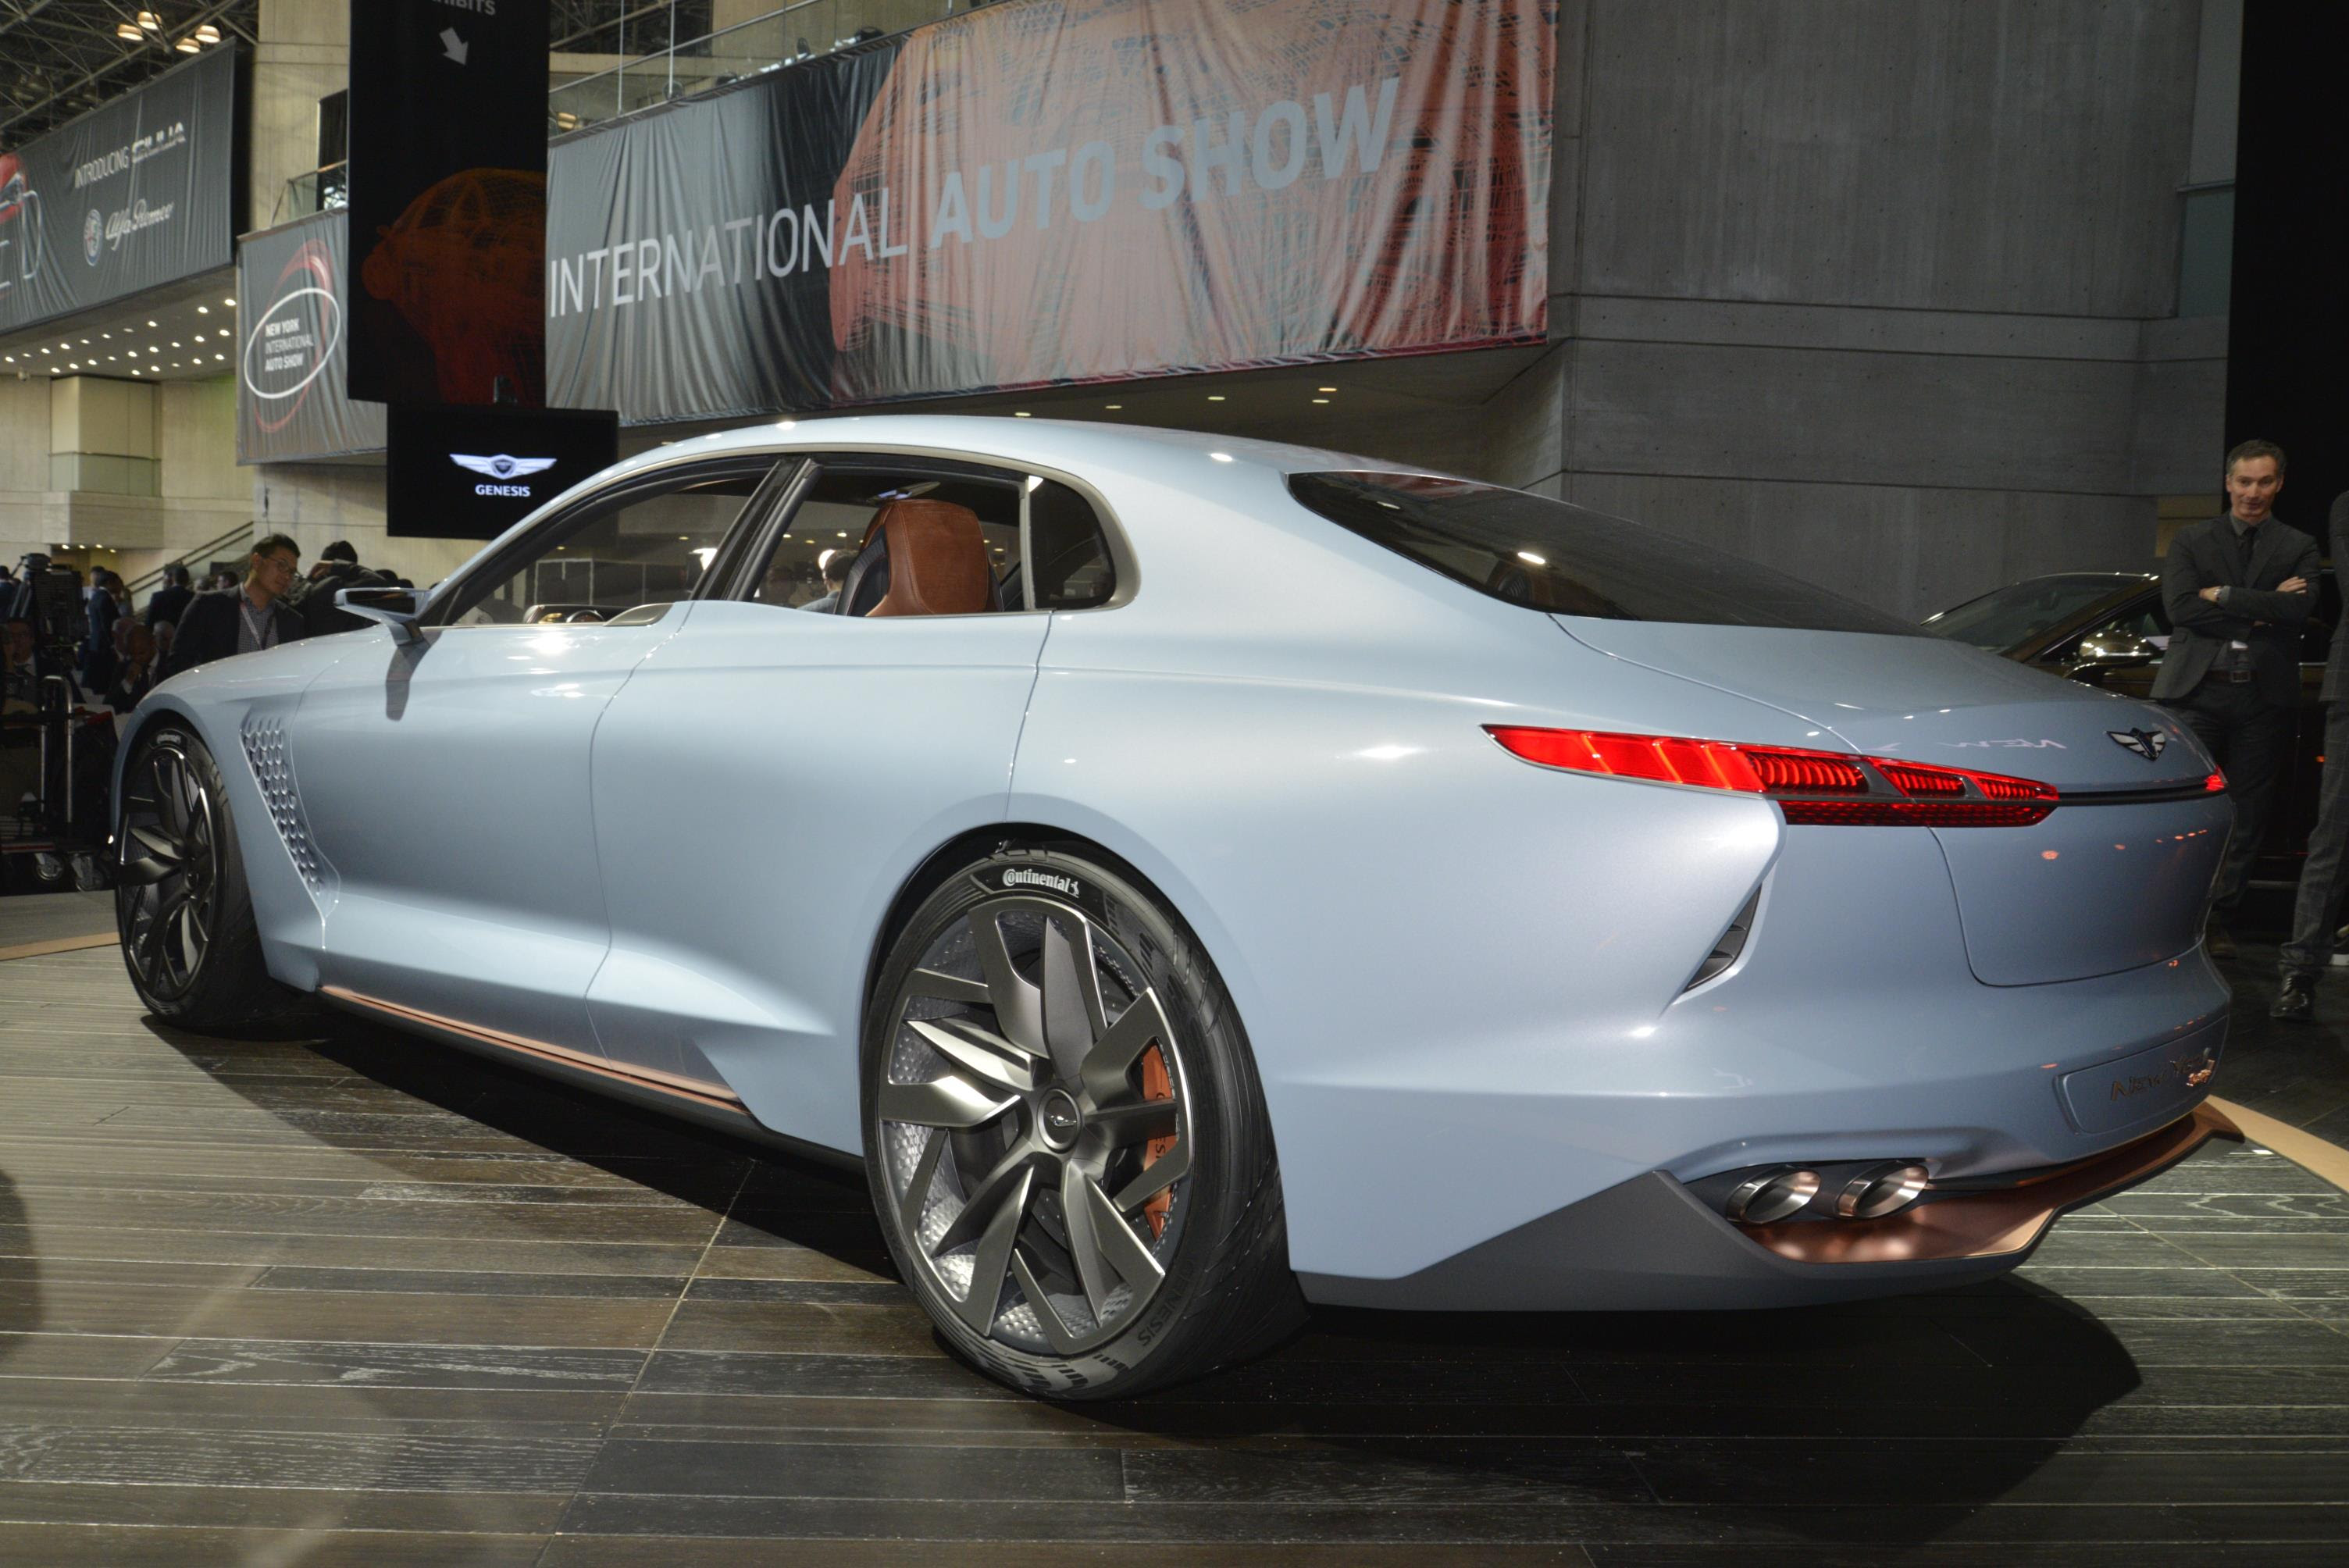 2018 Hyundai Genesis Performance Review | 2017 - 2018 Best Car Reviews